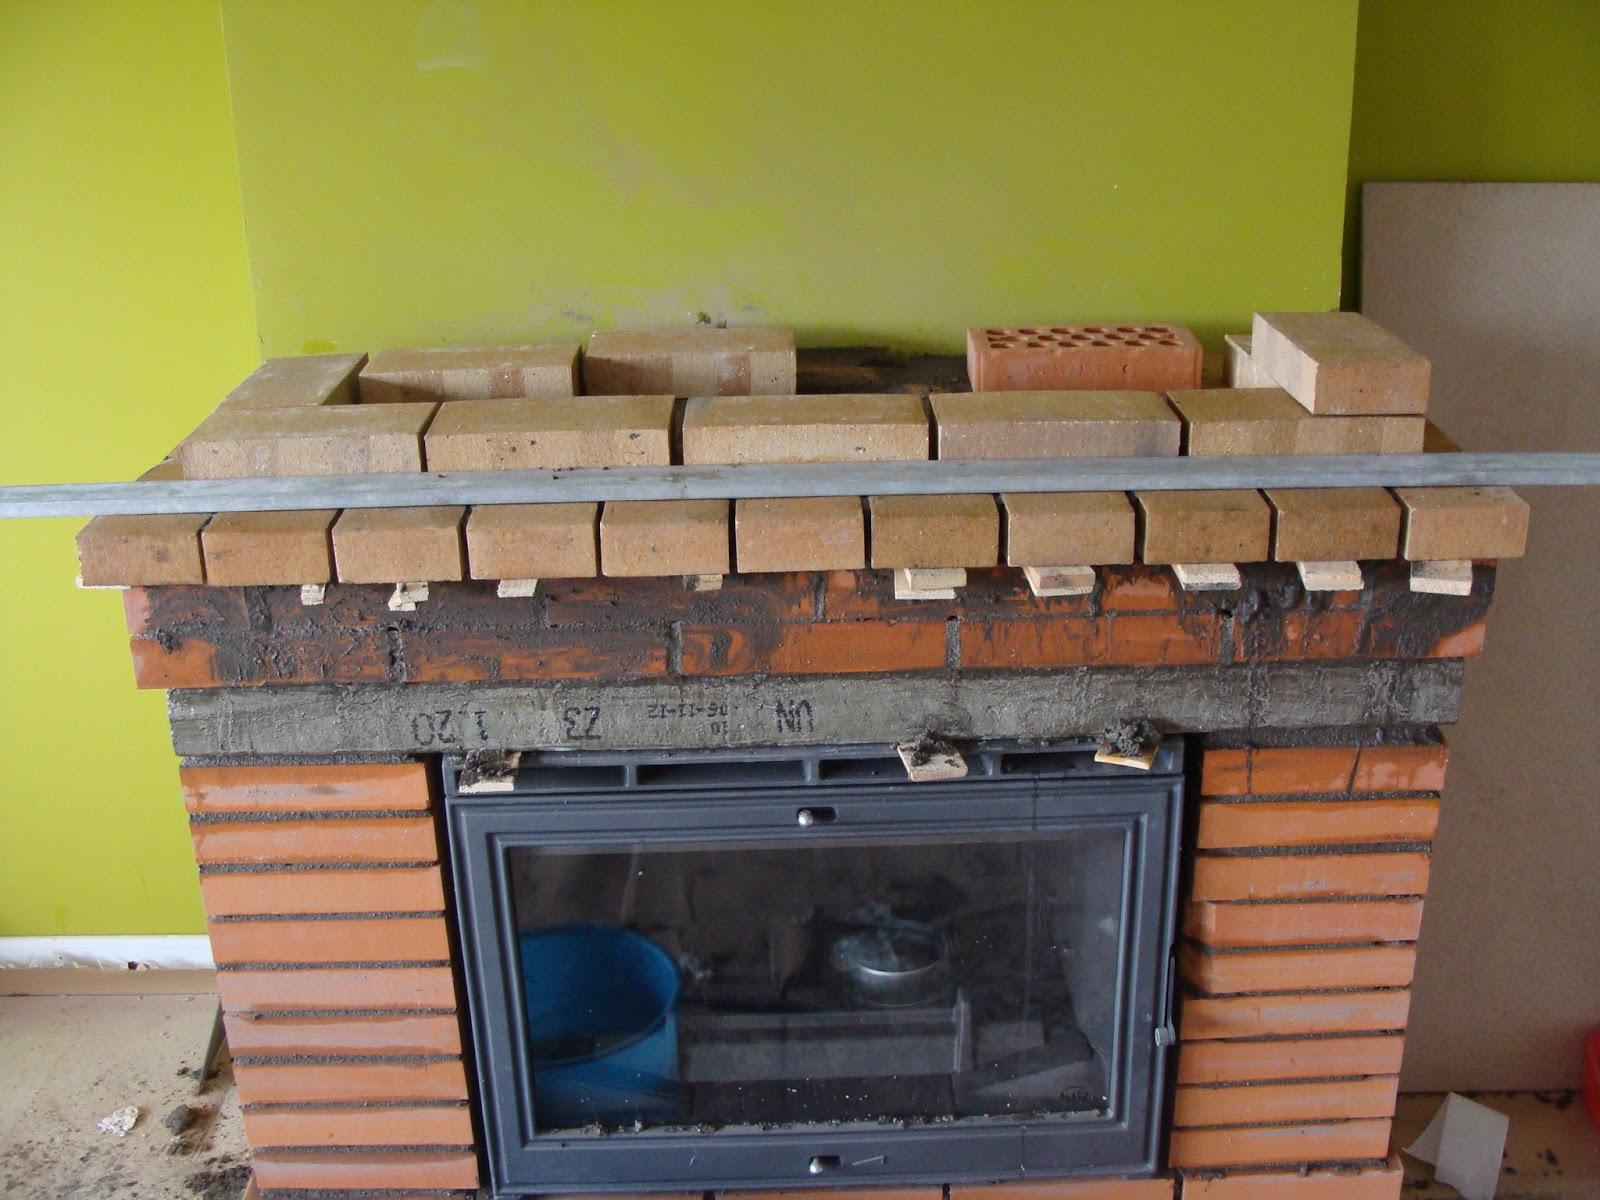 Andocarpinteando montaje de chimenea y reducci n de - Chimeneas de ladrillo visto ...